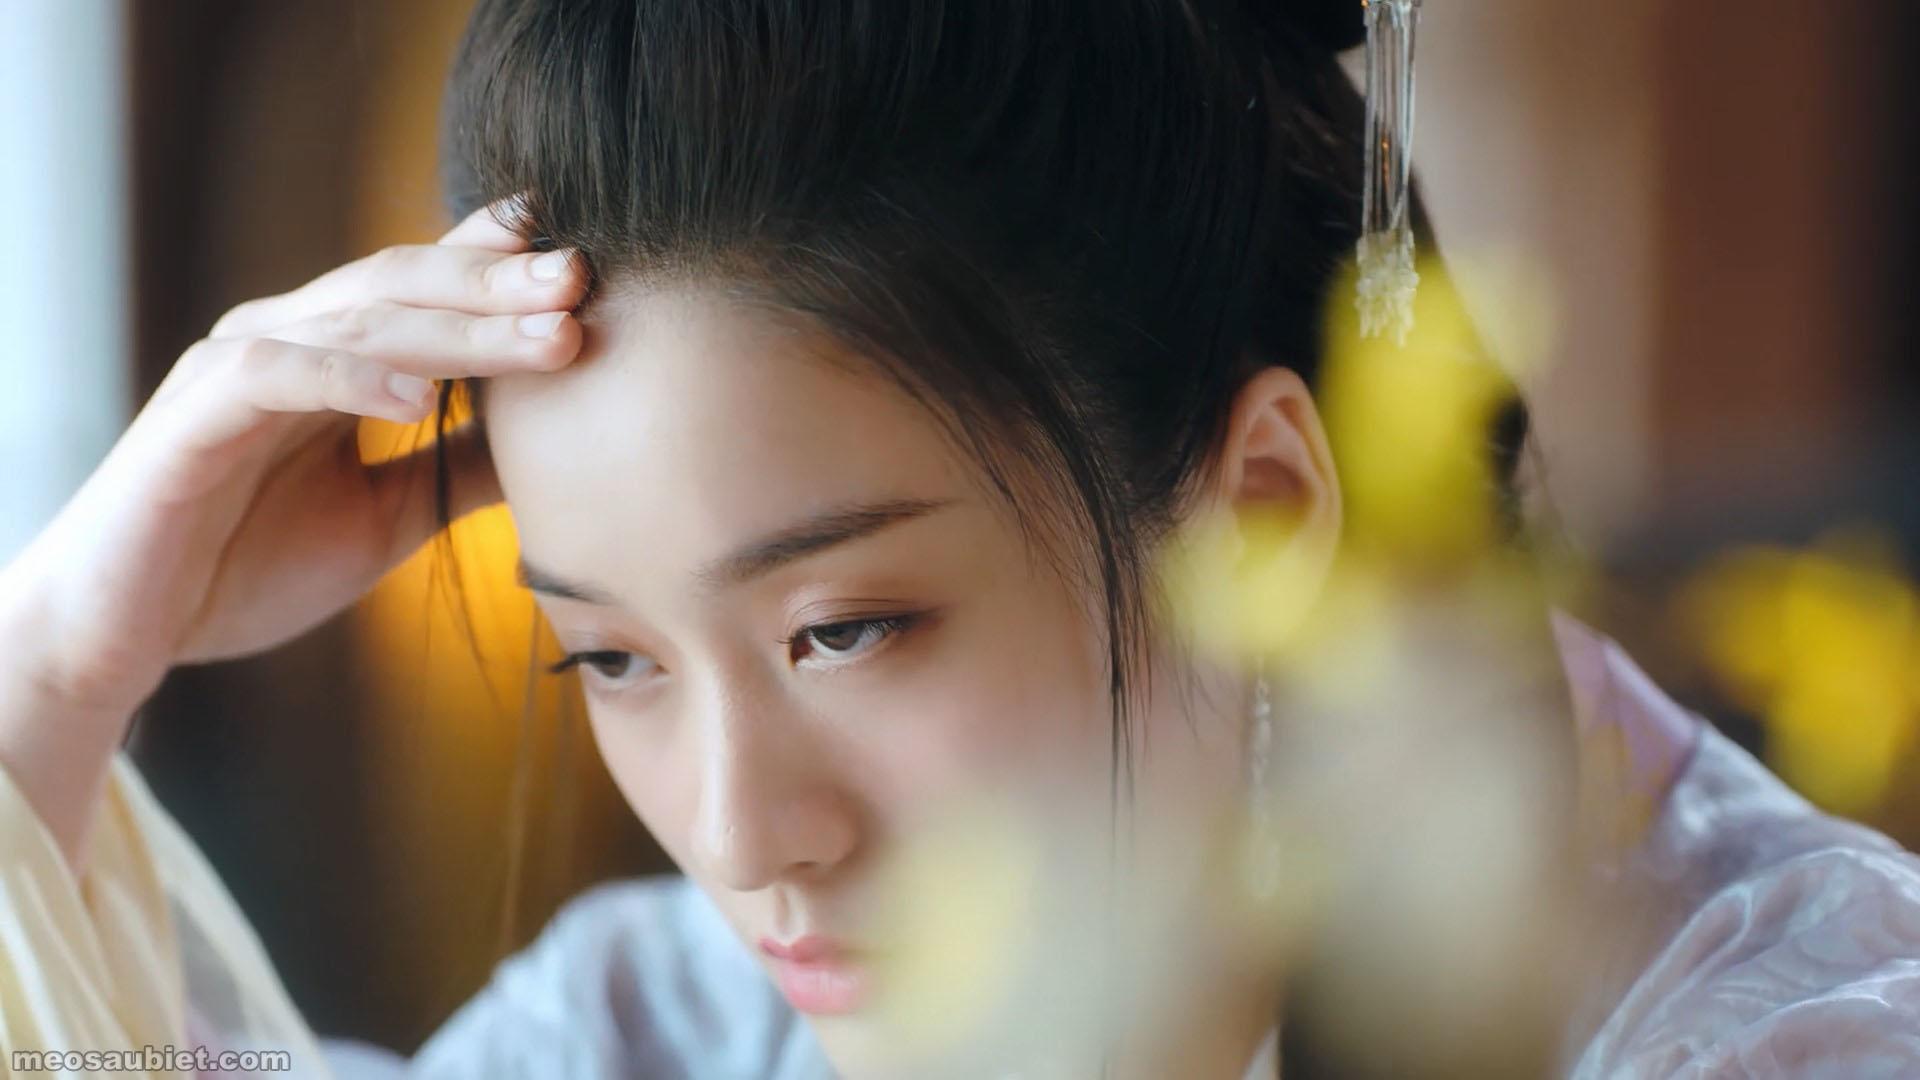 Bạch phát vương phi 2019 Trương Tuyết Nghênh trong vai Dung Nhạc